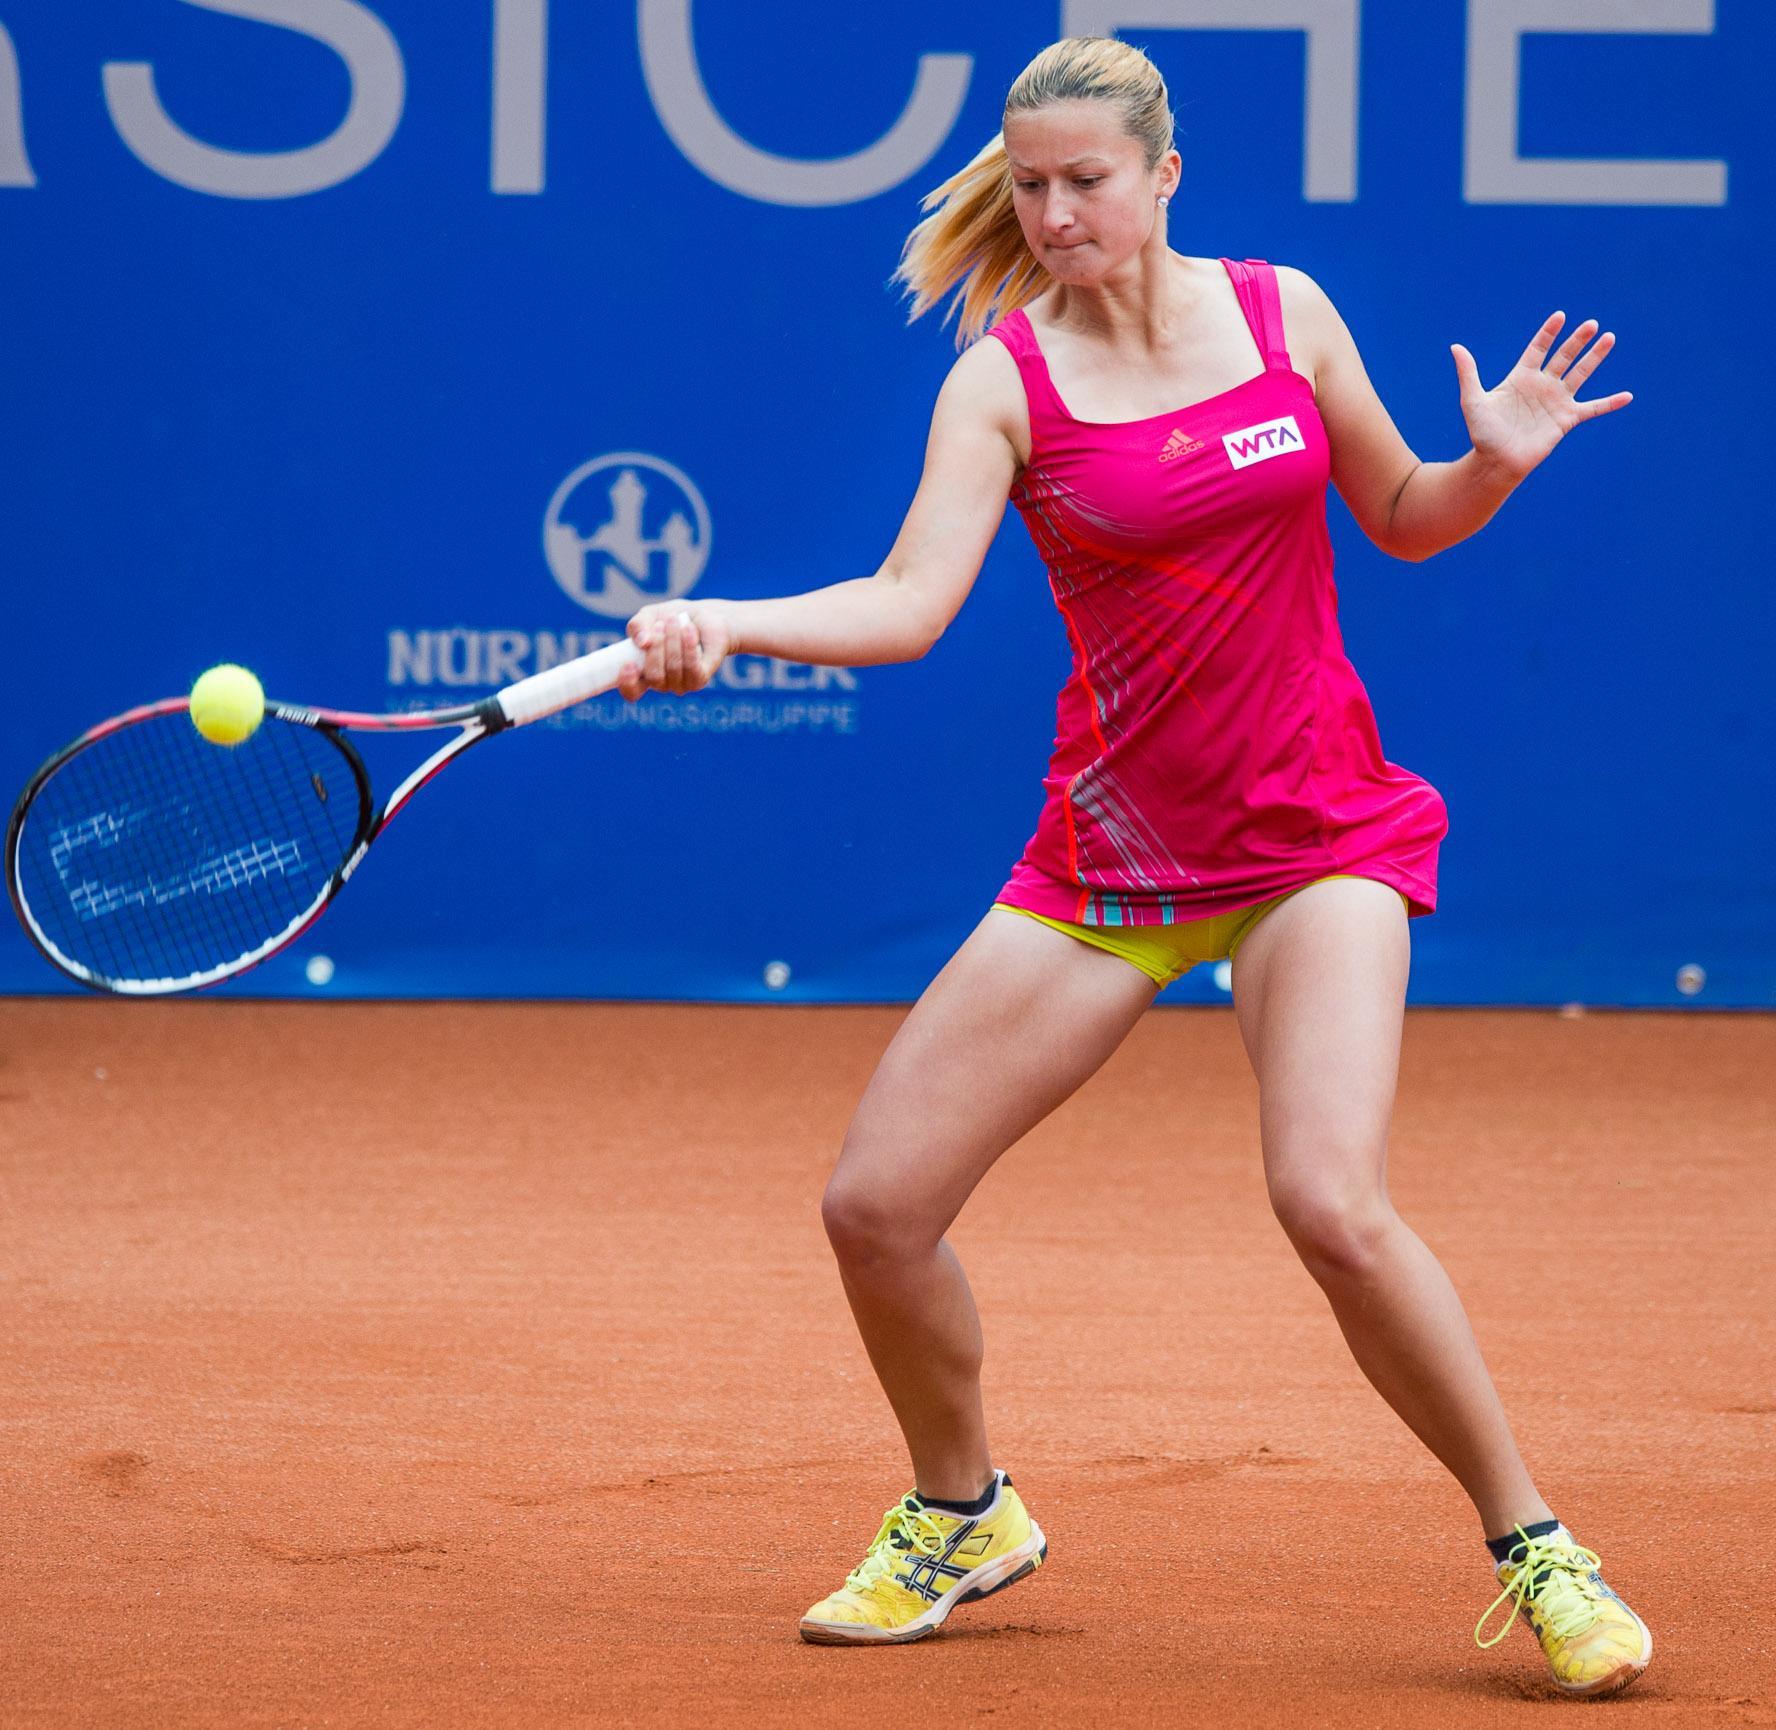 Dalila Jakupović pridno nabira naslove v konkurenci dvojic. (Foto: fr.wikipedia.org)